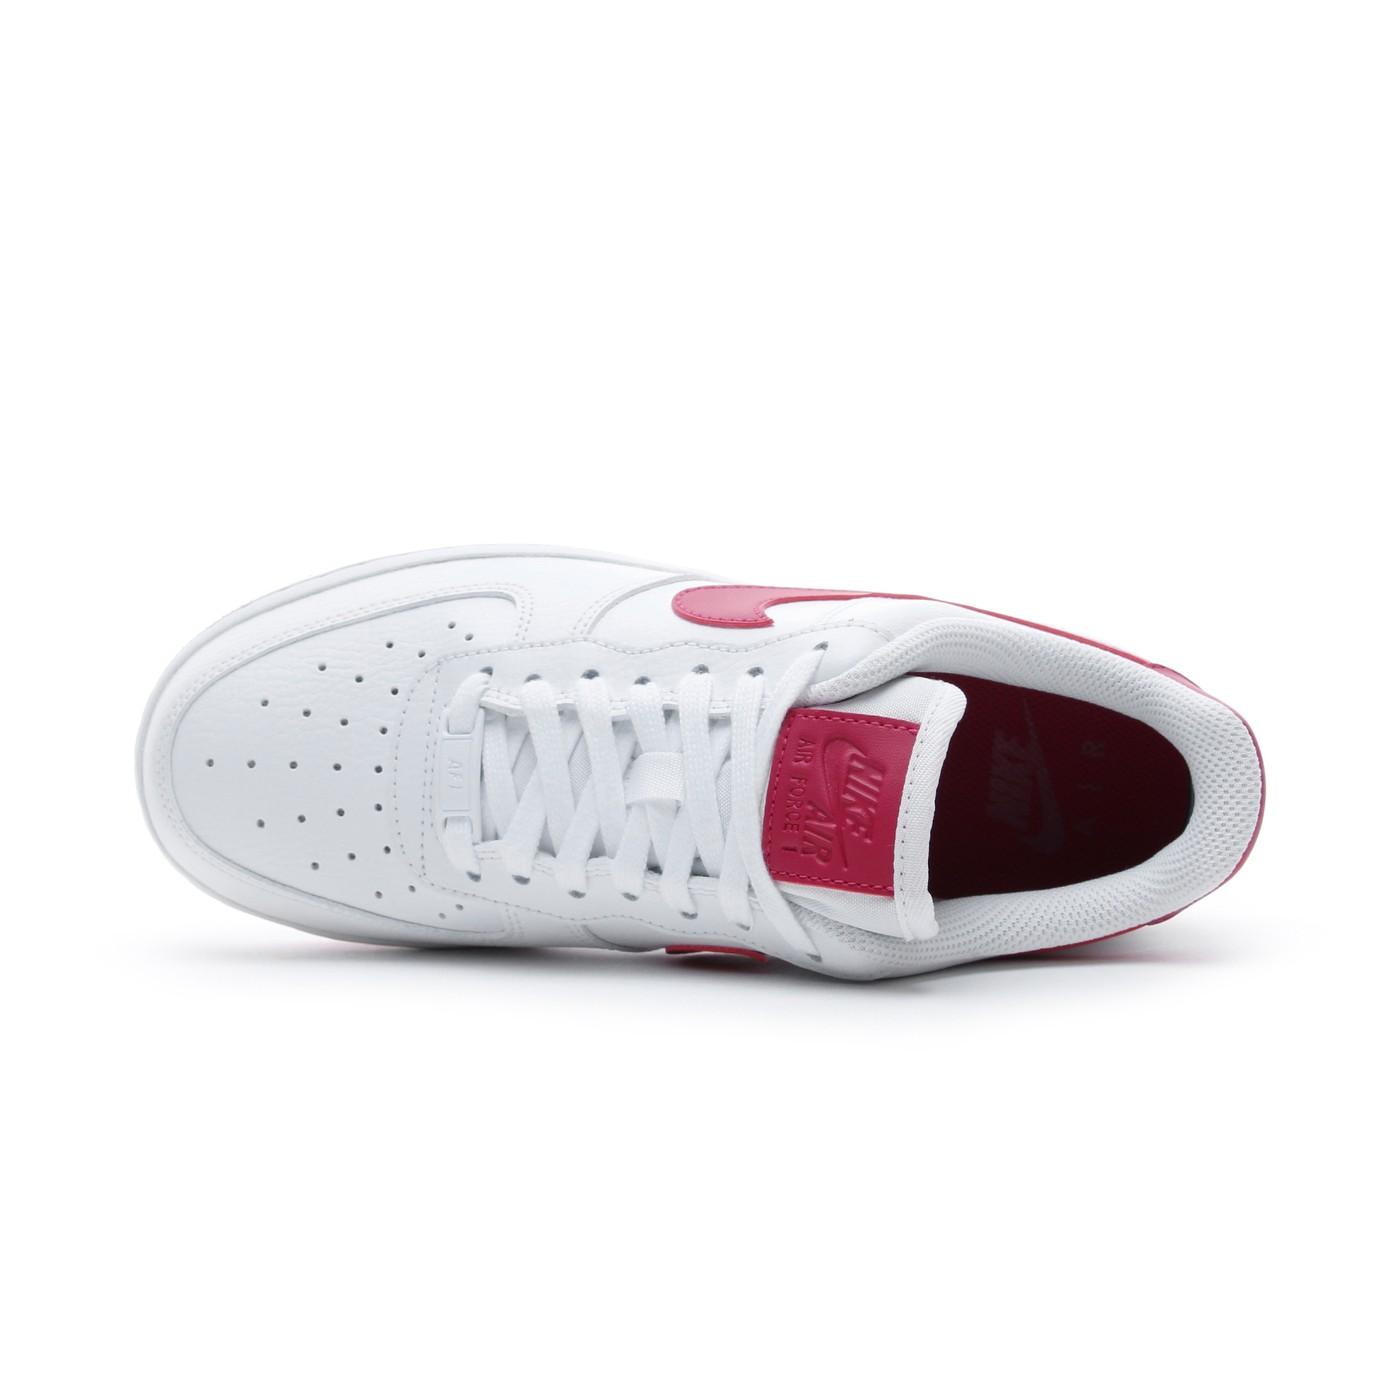 Evolucionar Civilizar pulmón  Nike Air Force 1 '07 Beyaz - Kırmızı Kadın Spor Ayakkabı AH0287 | Occasion